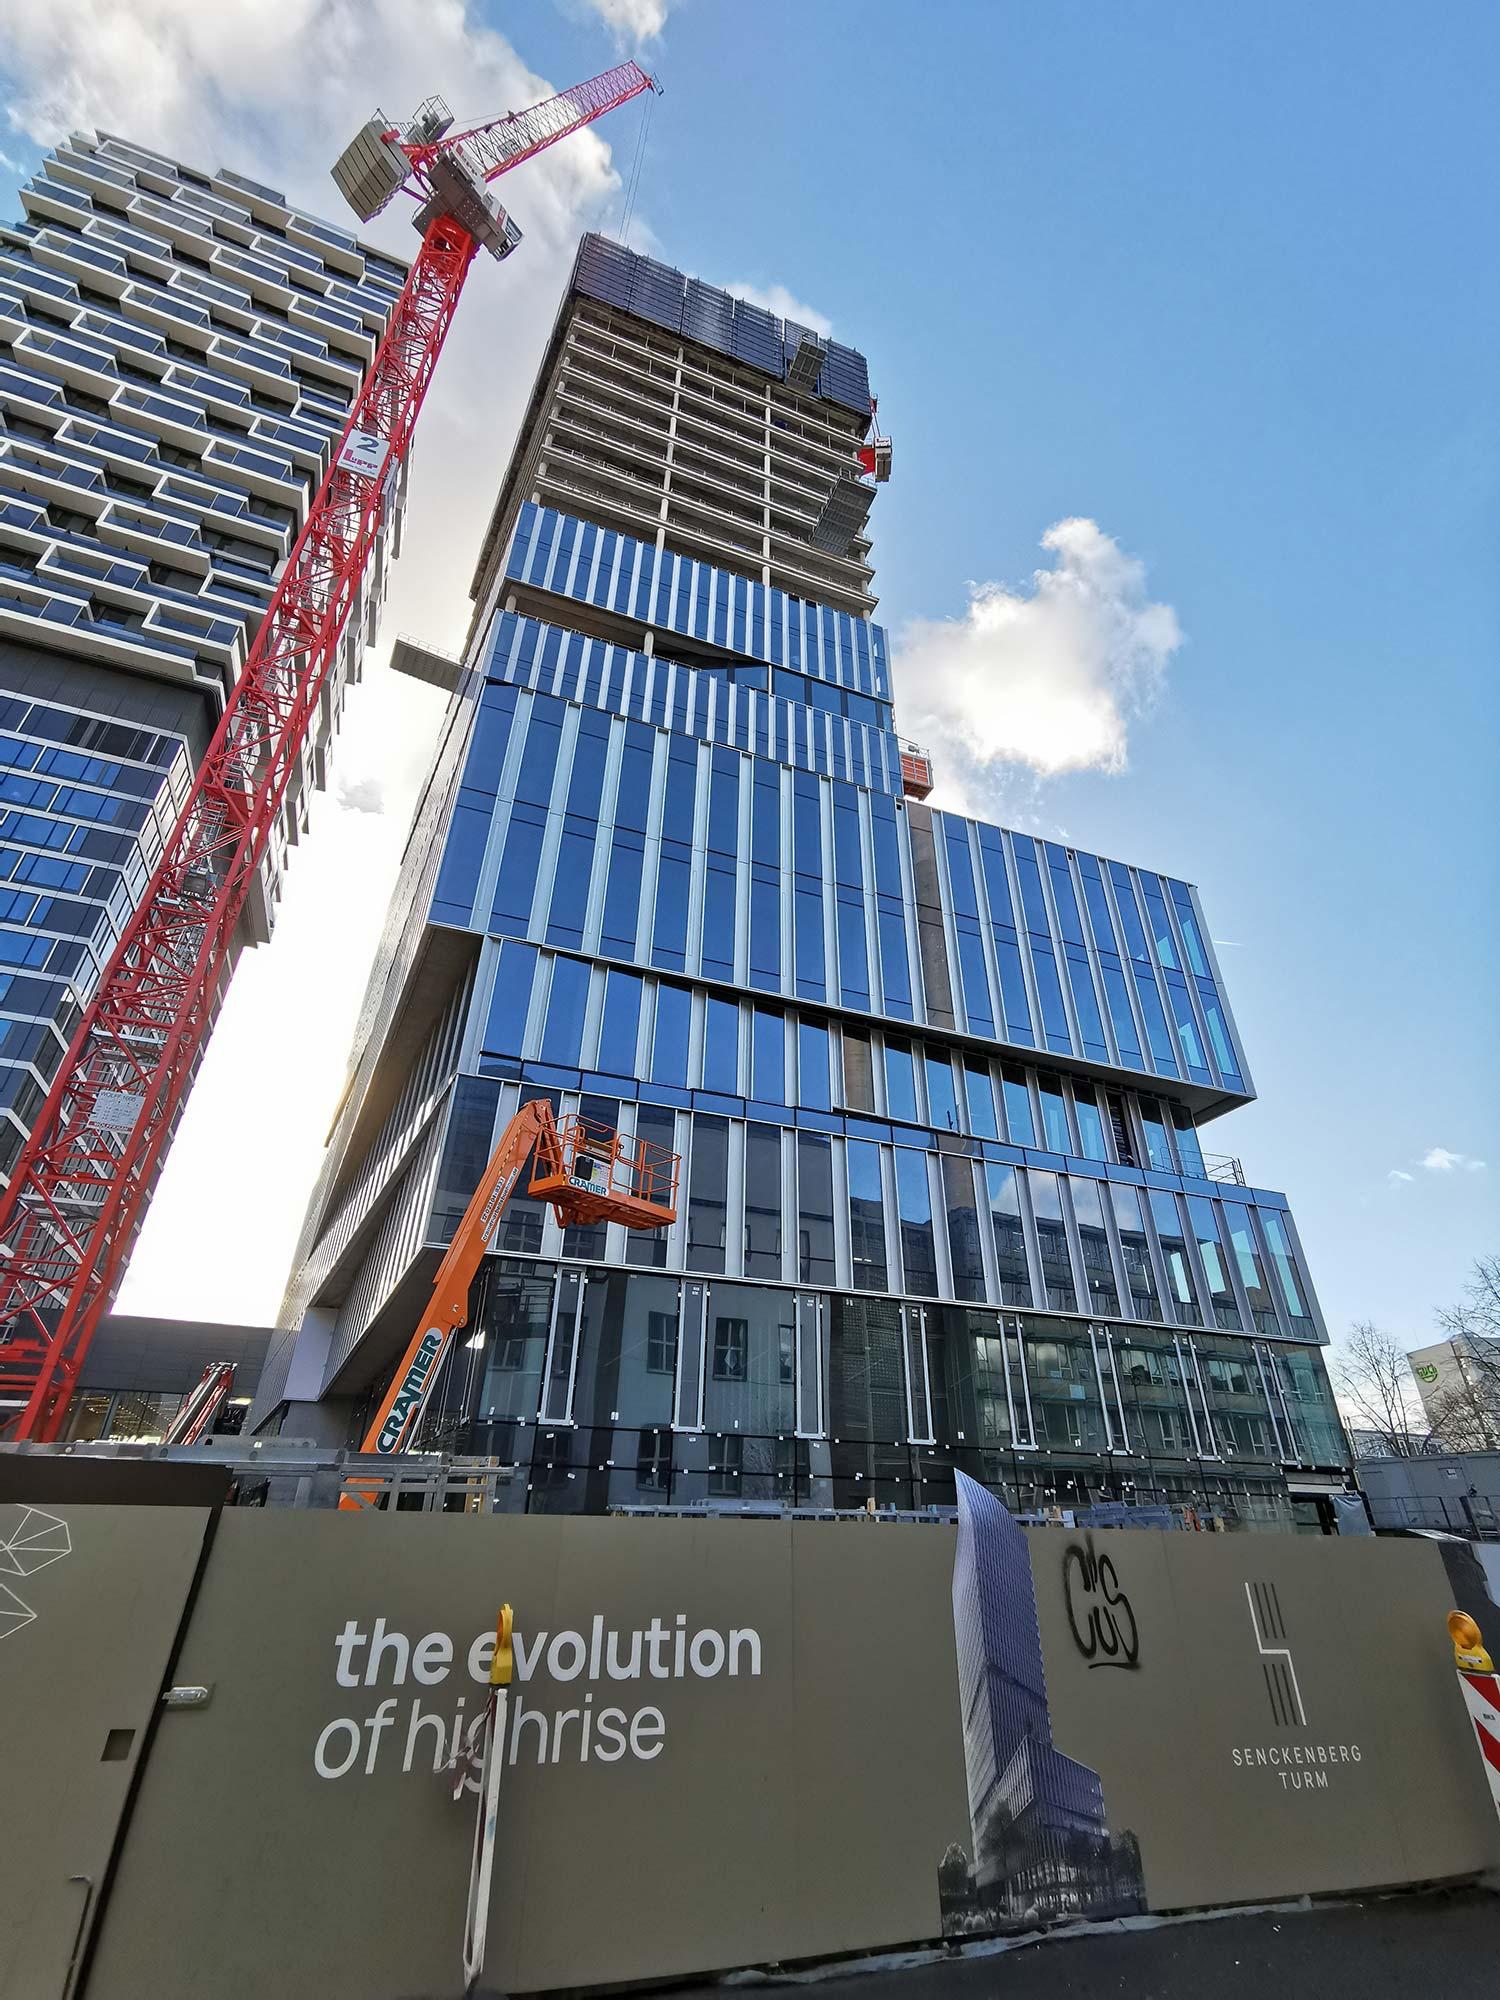 Senckenberg Tower Frankfurt - Ein NAS Invest Projekt - Baufortschritt Senckenberg Turm Februar 2021 - BNP Parisbas Deutschland